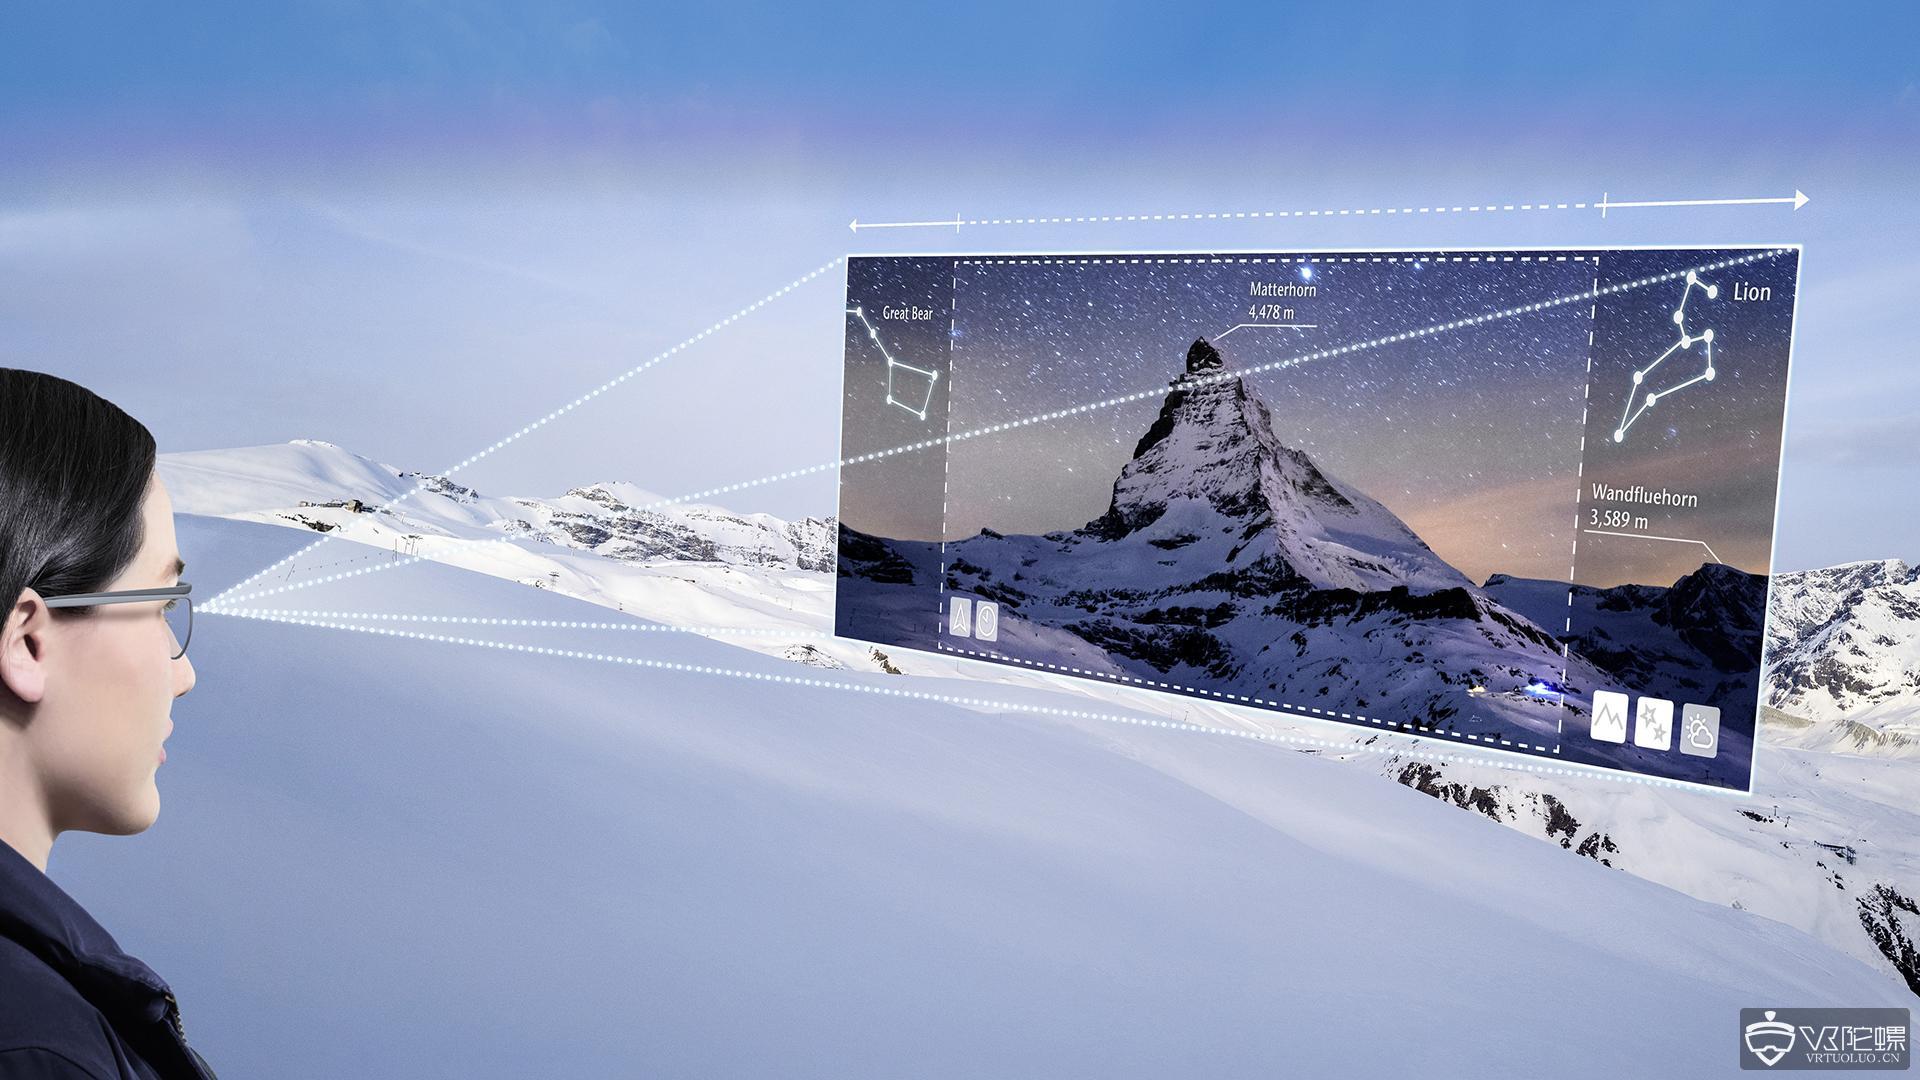 肖特发布新一代RealViewTM高折射率玻璃晶圆,AR/MR眼镜可实现对角线65°视场角